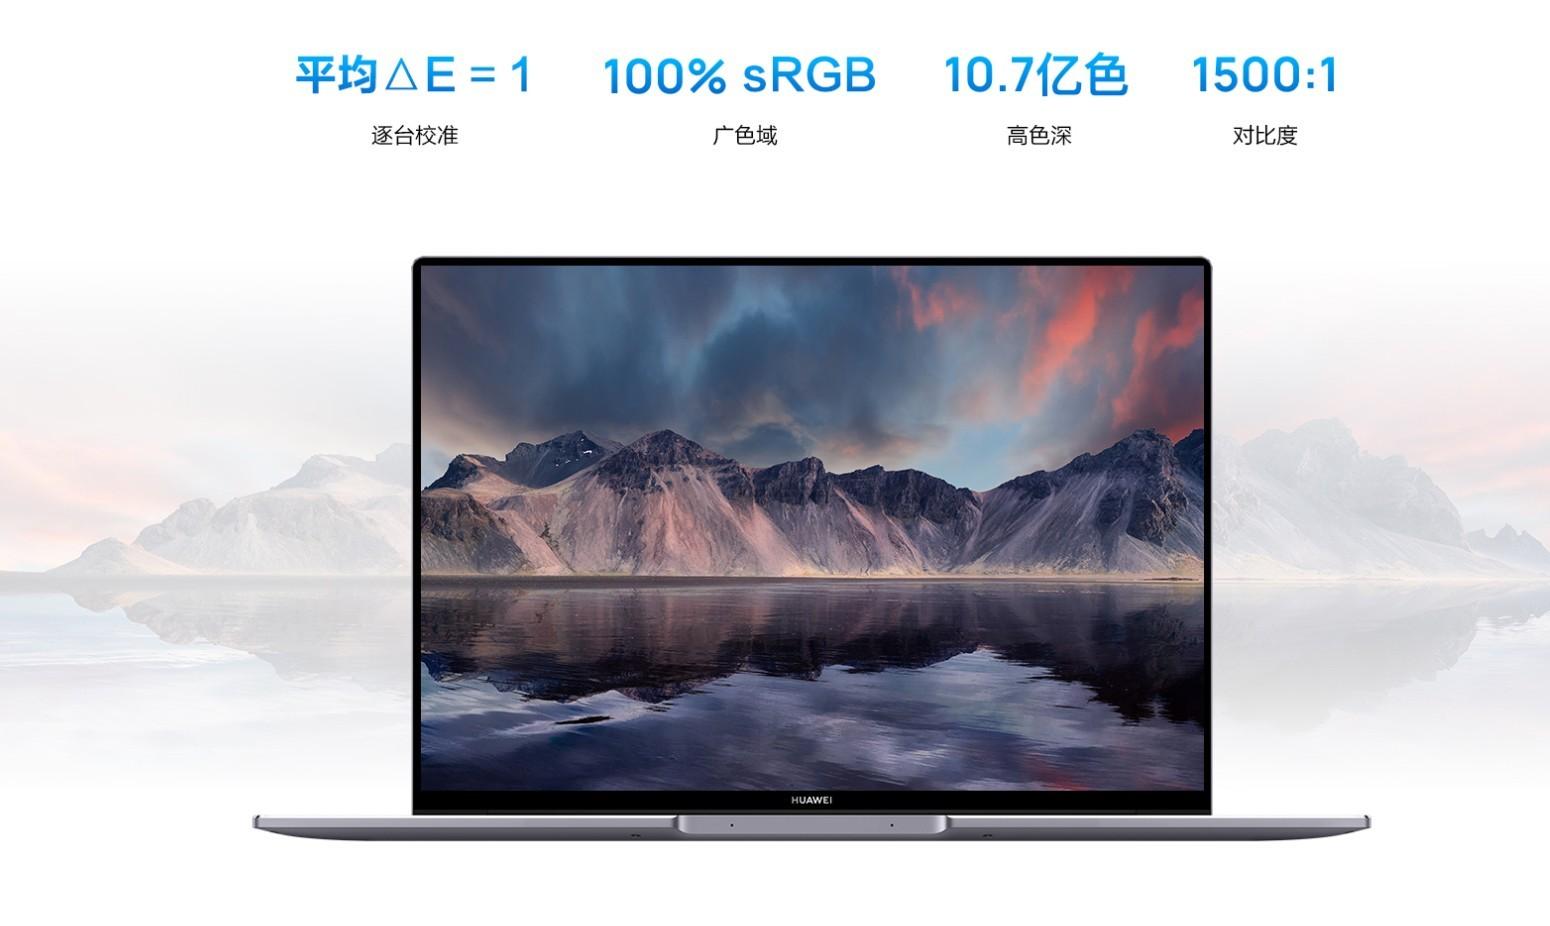 هوآوی از لپ تاپ جدید خود به اسم میت بوک 16 با وزن زیر 2 کیلوگرم رونمایی کرد